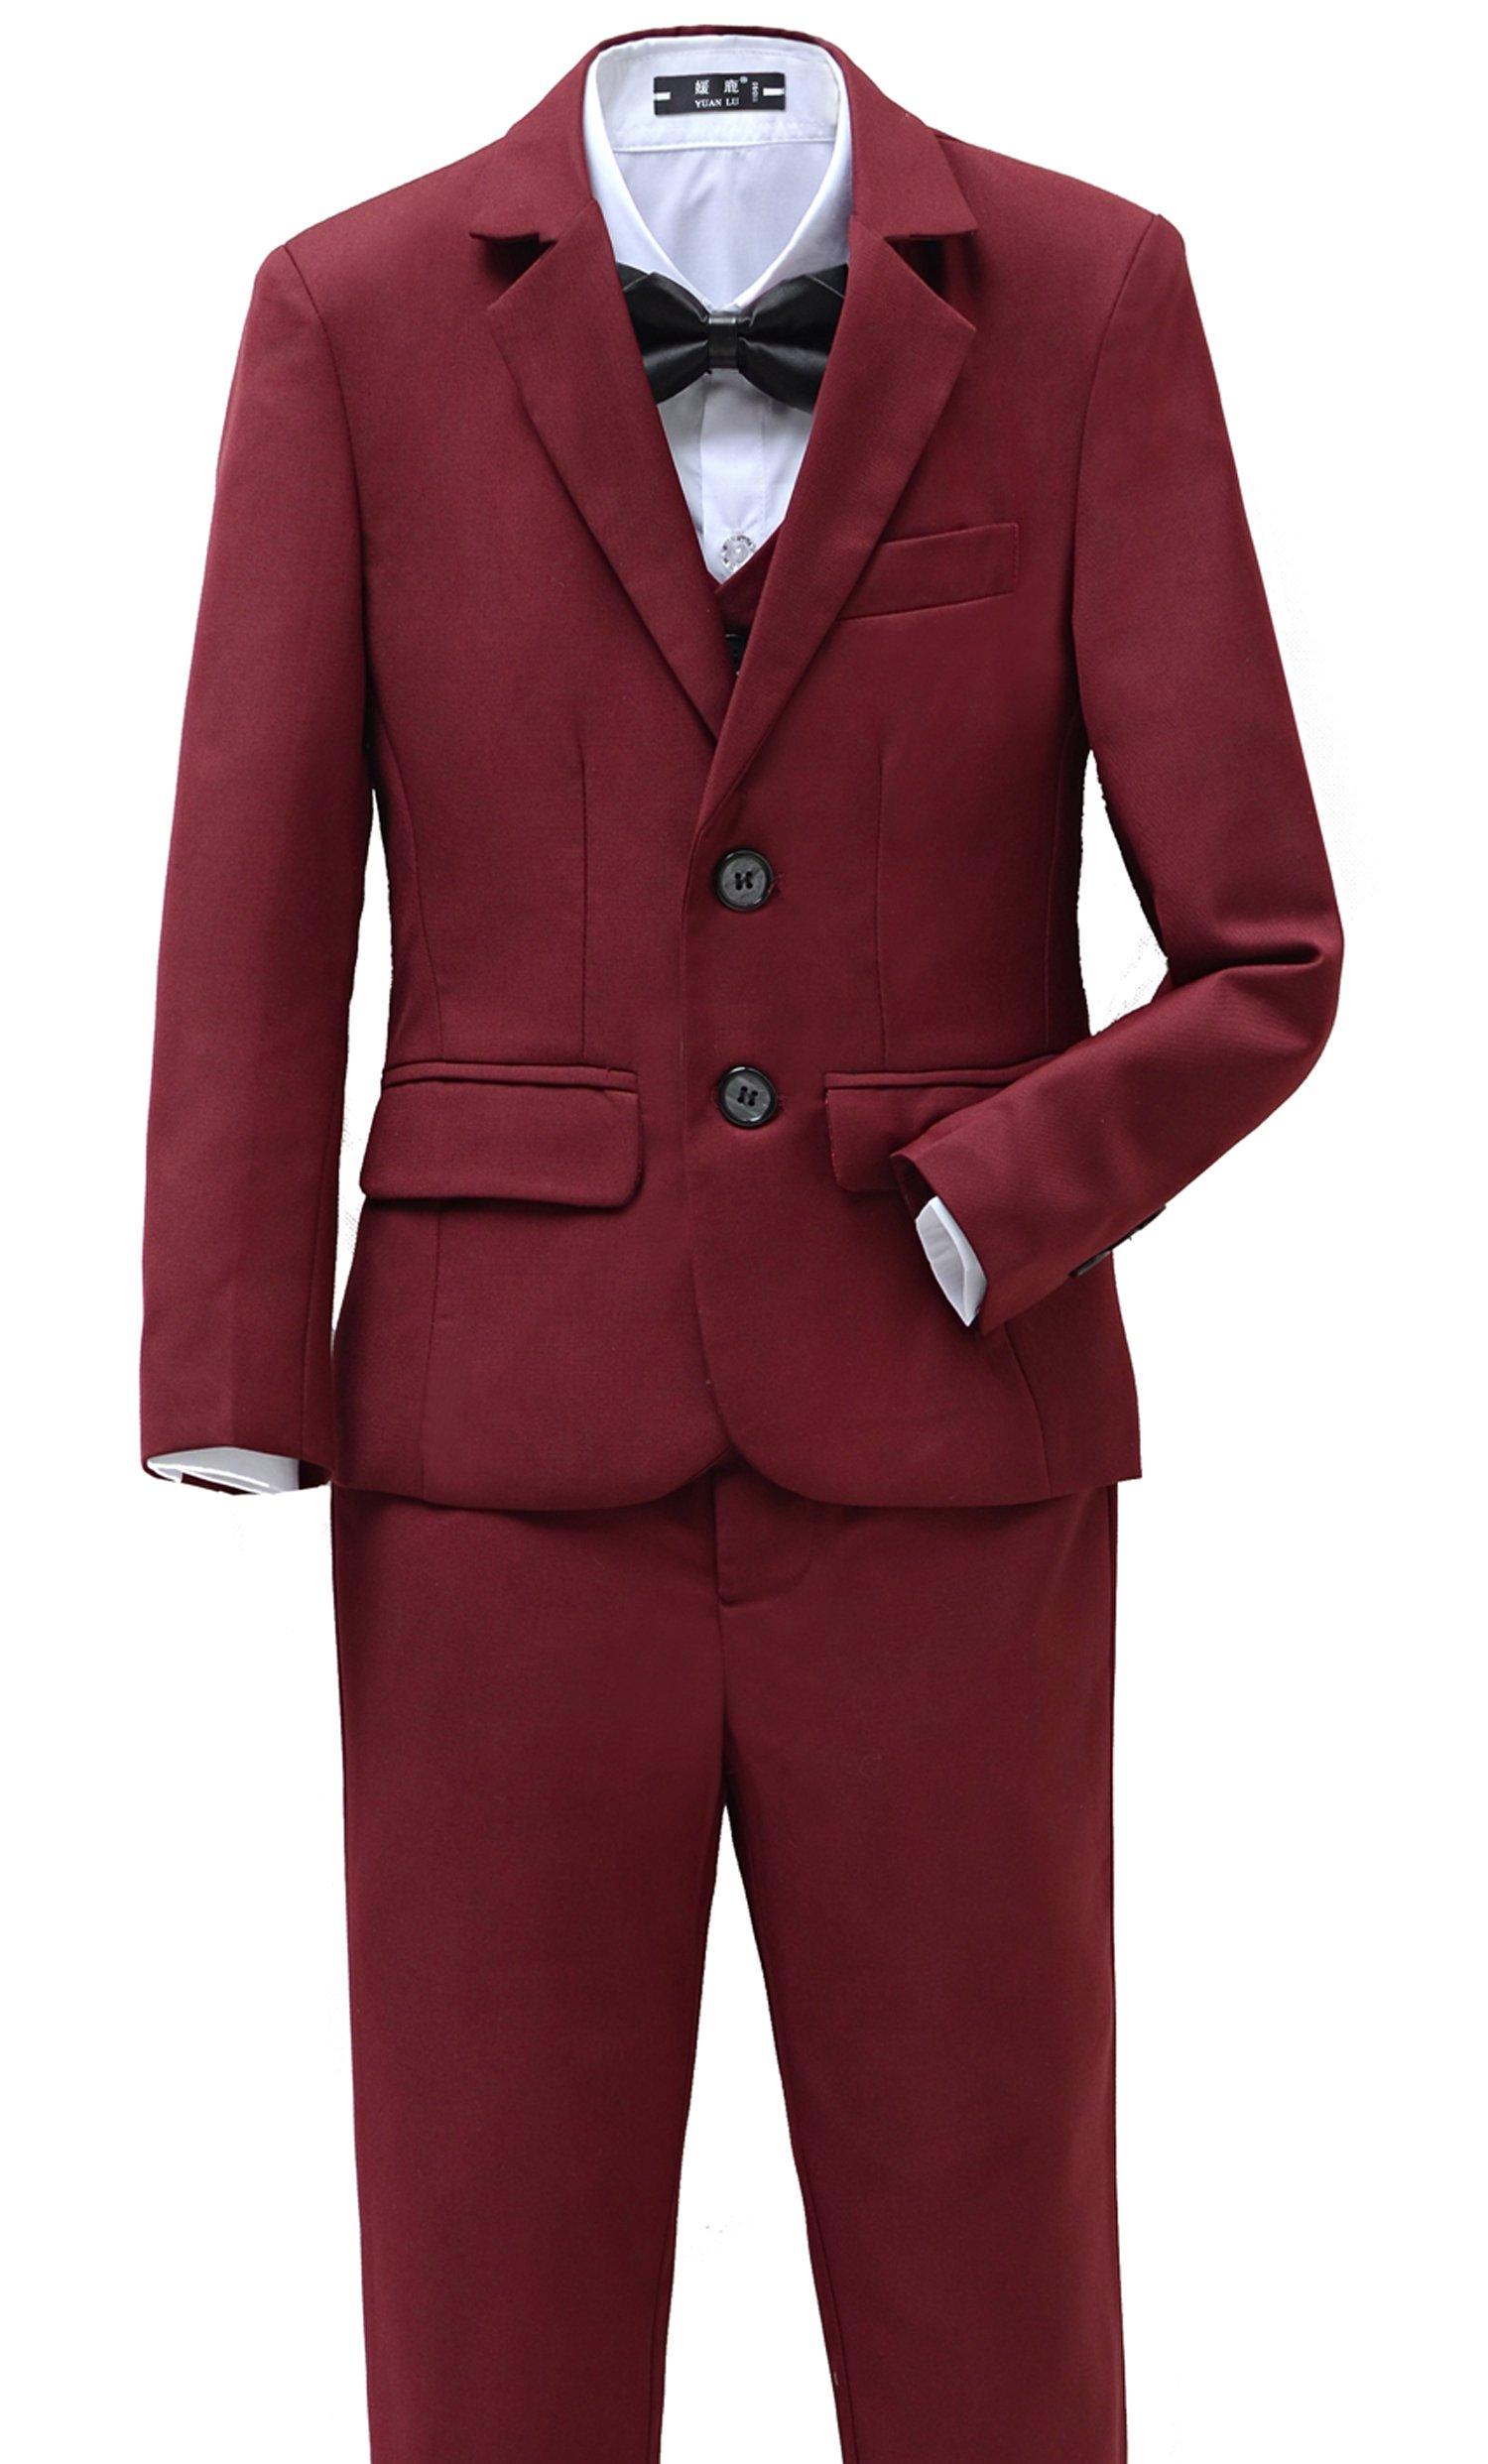 Yanlu Boys Suits Set 5 Piece Size 6 Burgundy Slim Fit Boy Suit